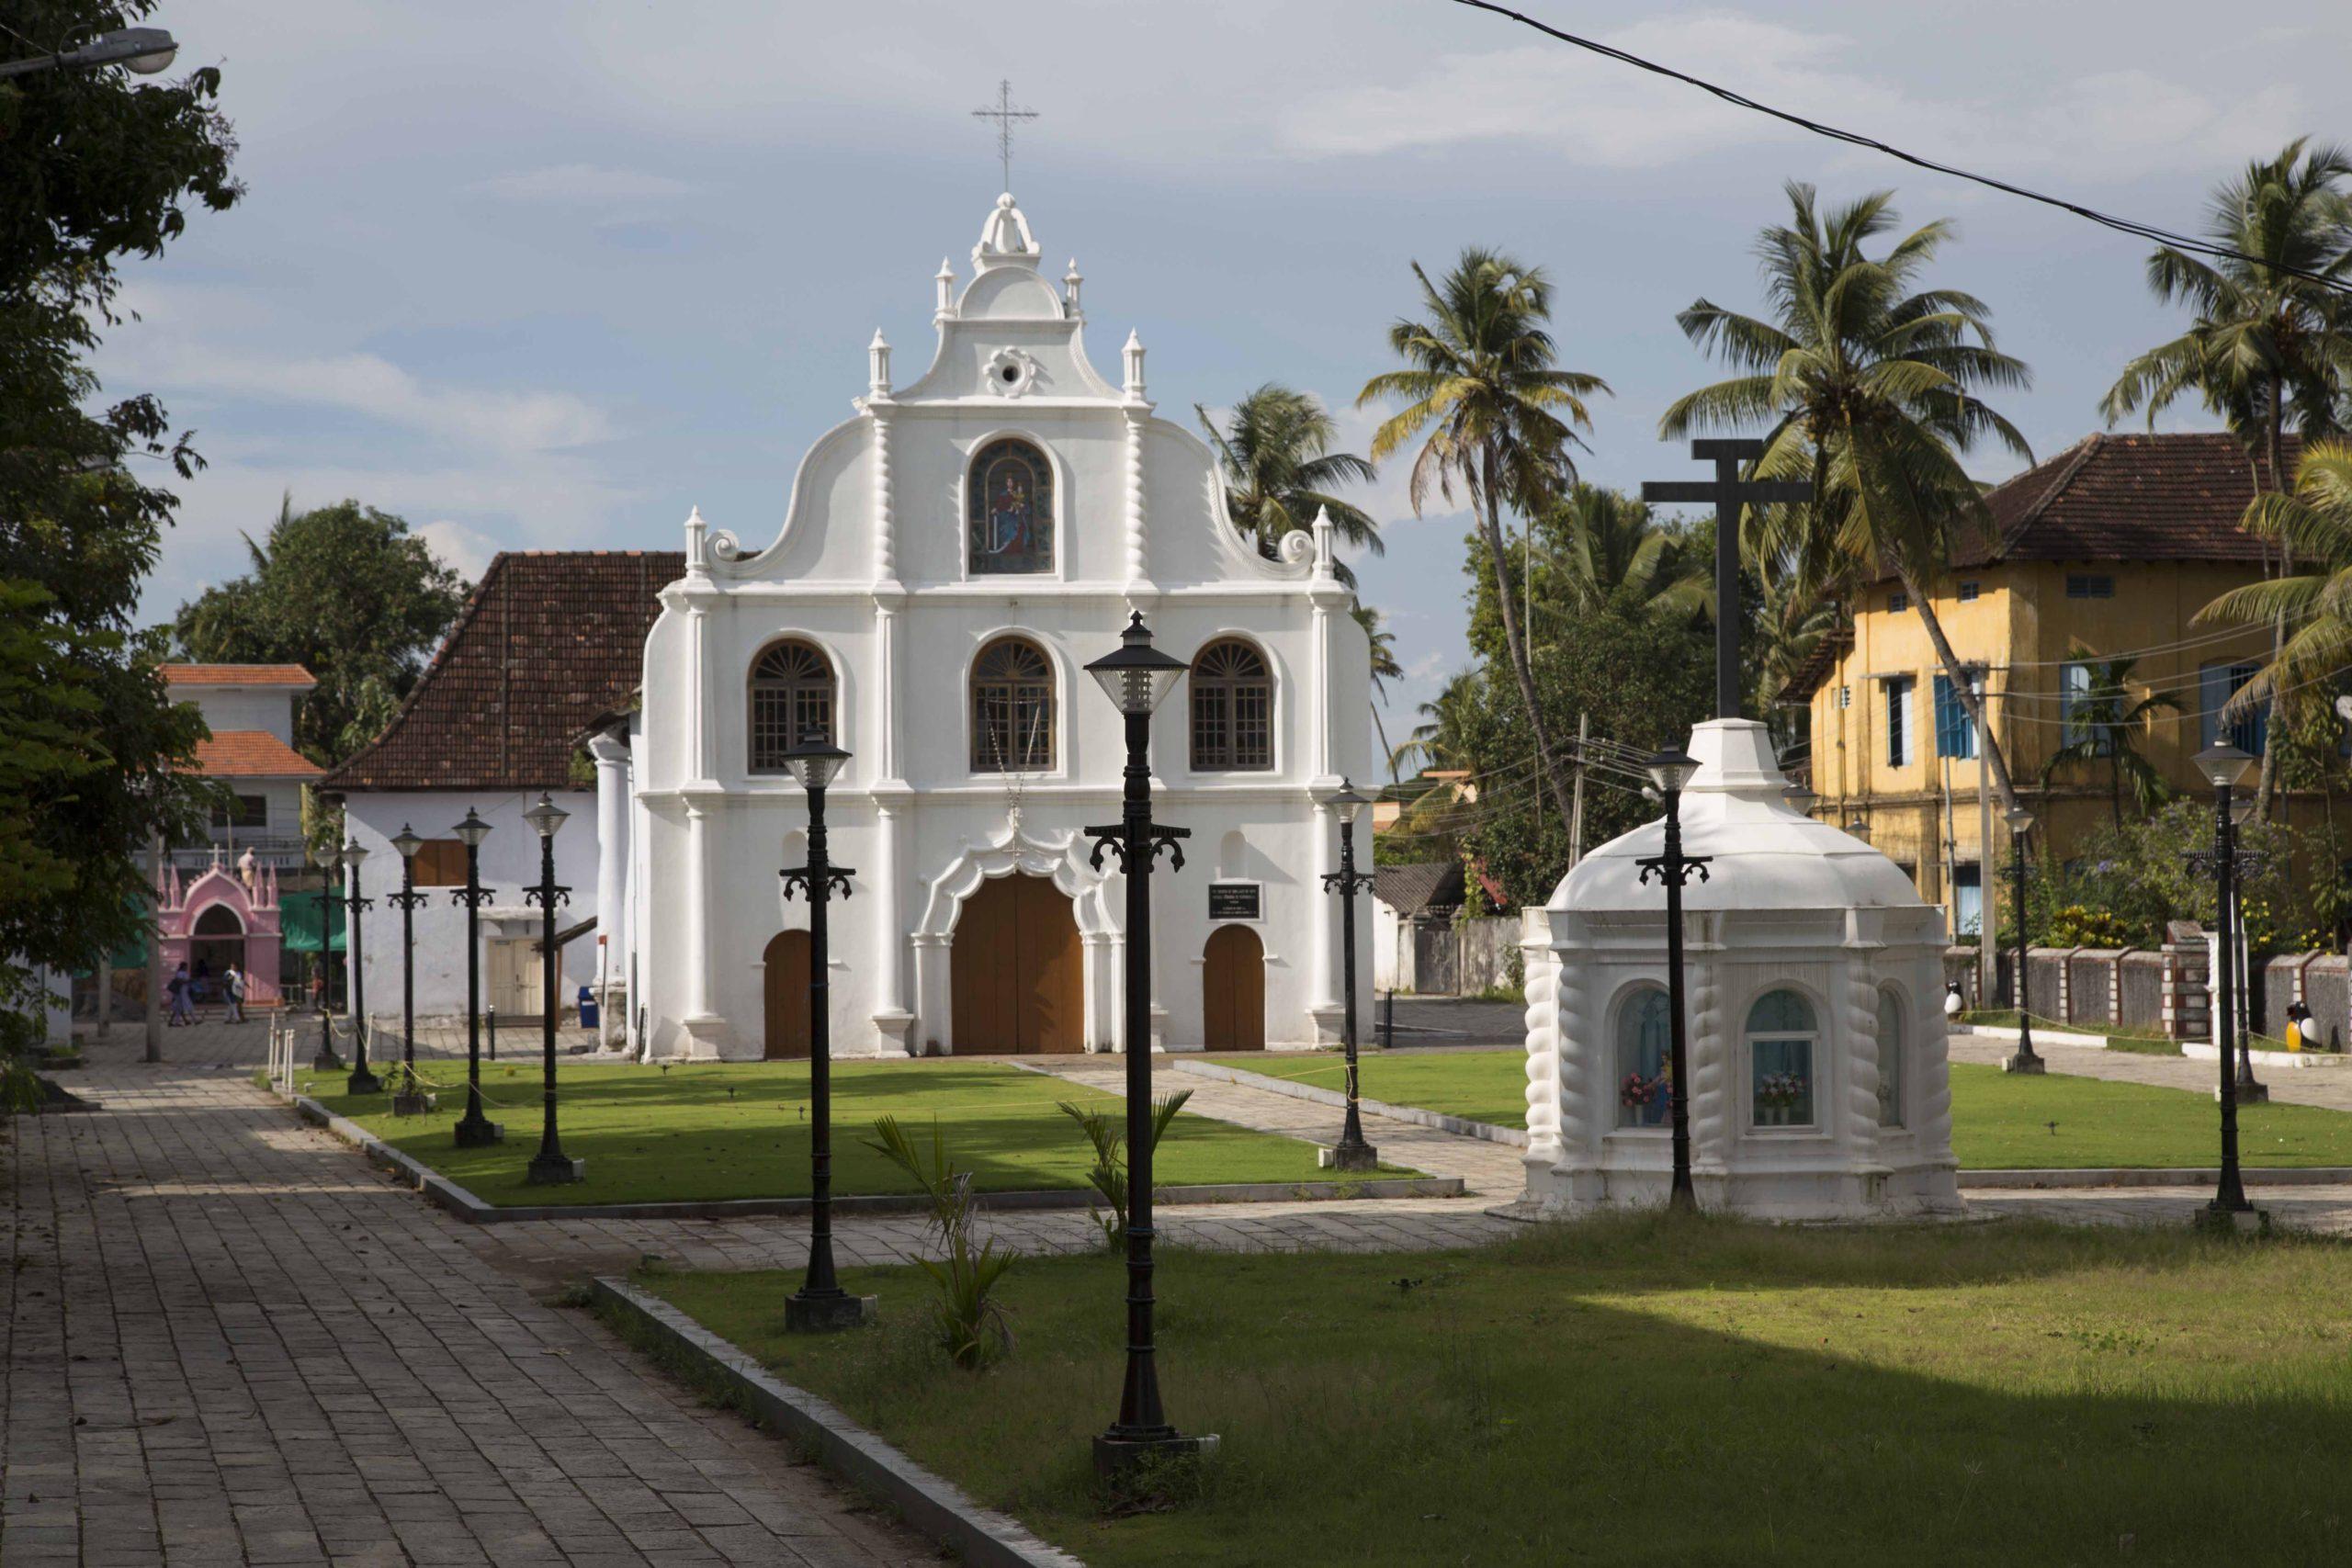 Eglise du Sacré Coeur de Jésus à Pondicherry